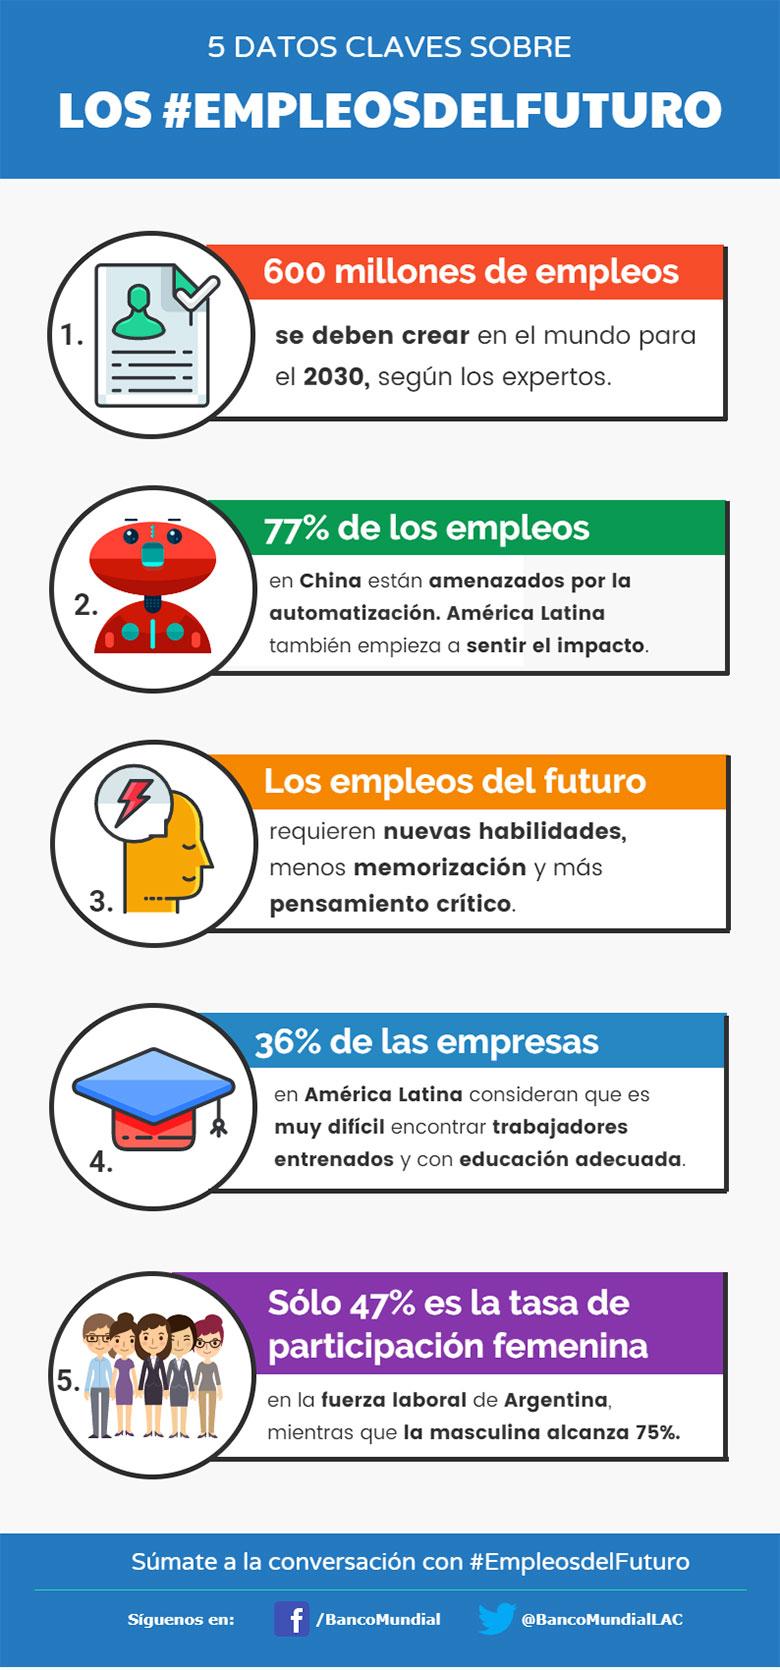 5 datos clave sobre los empleos del futuro